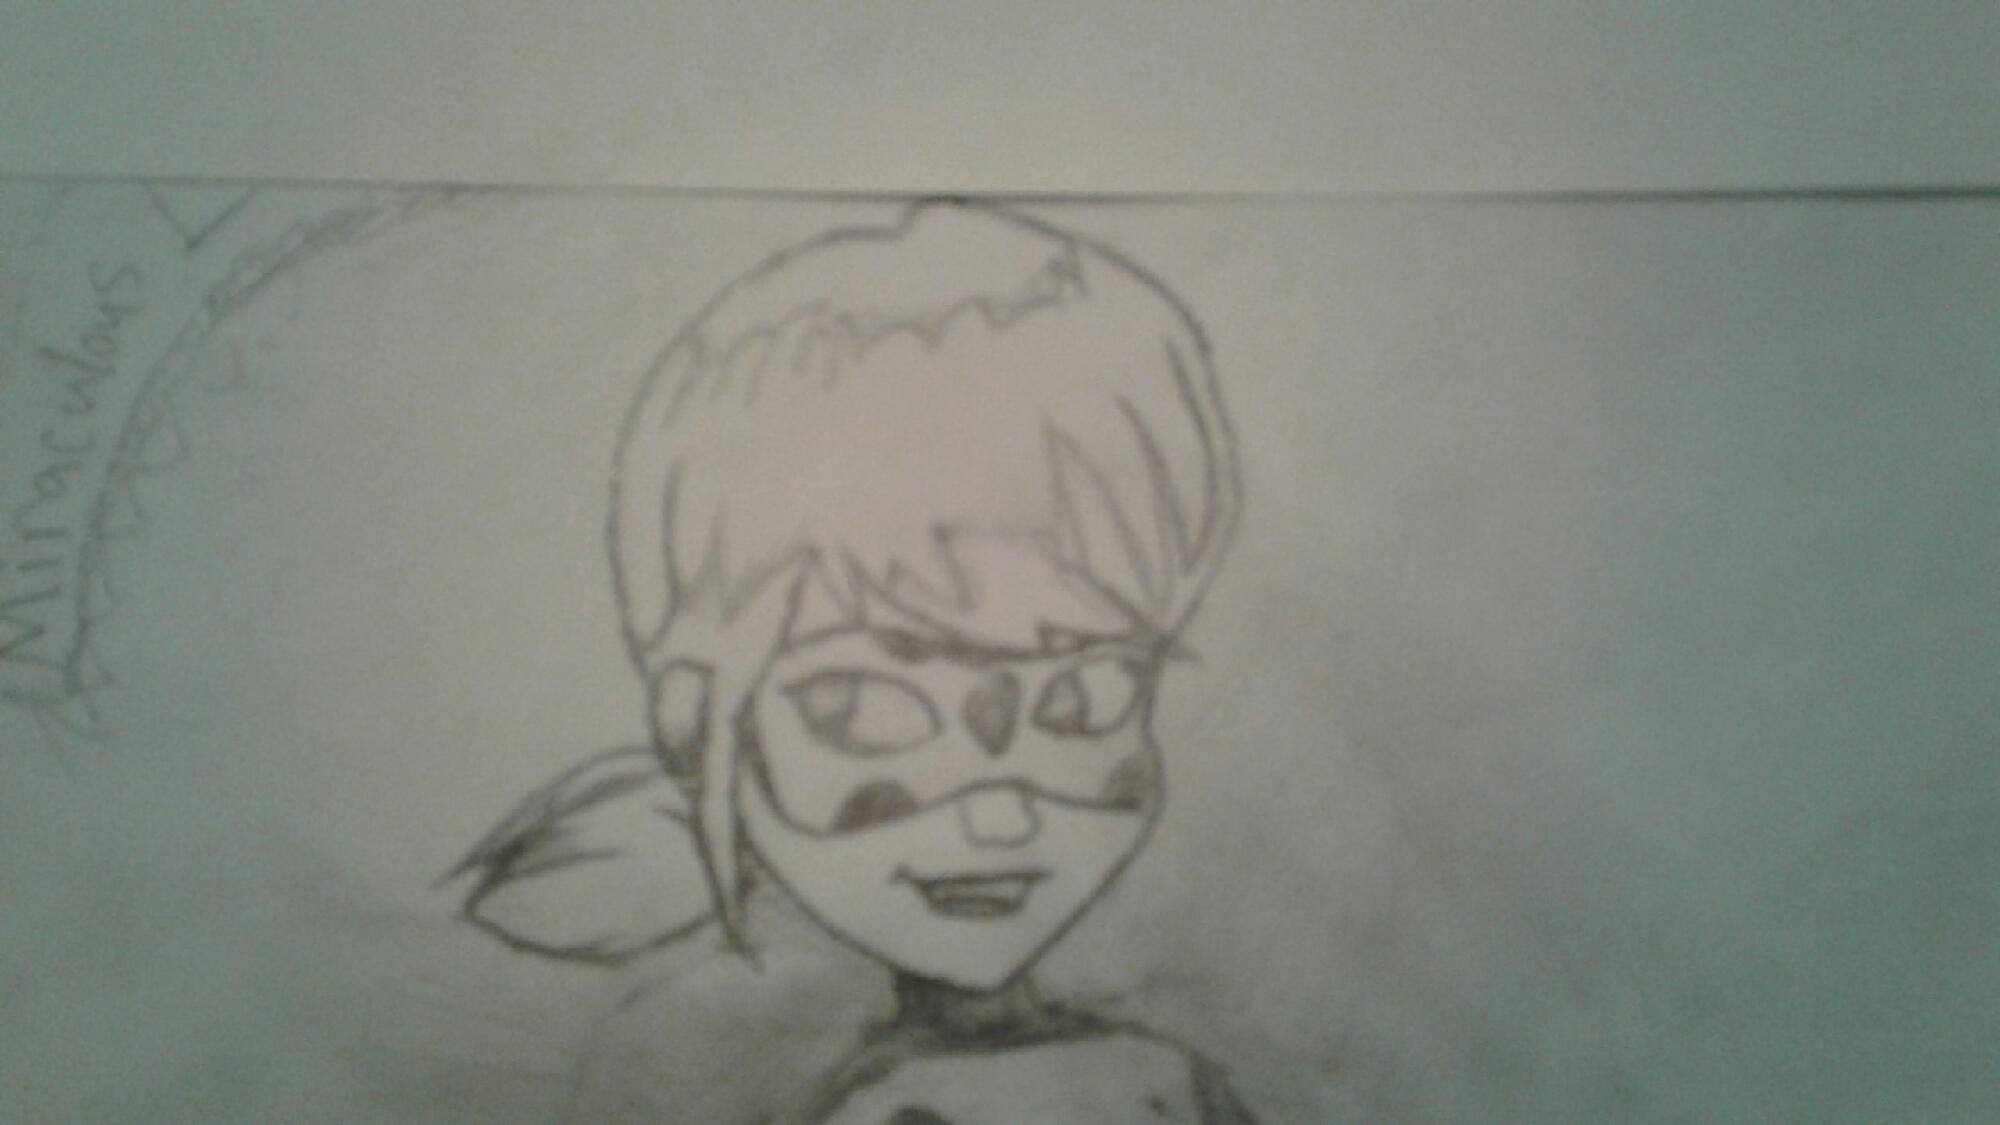 Look what I drew